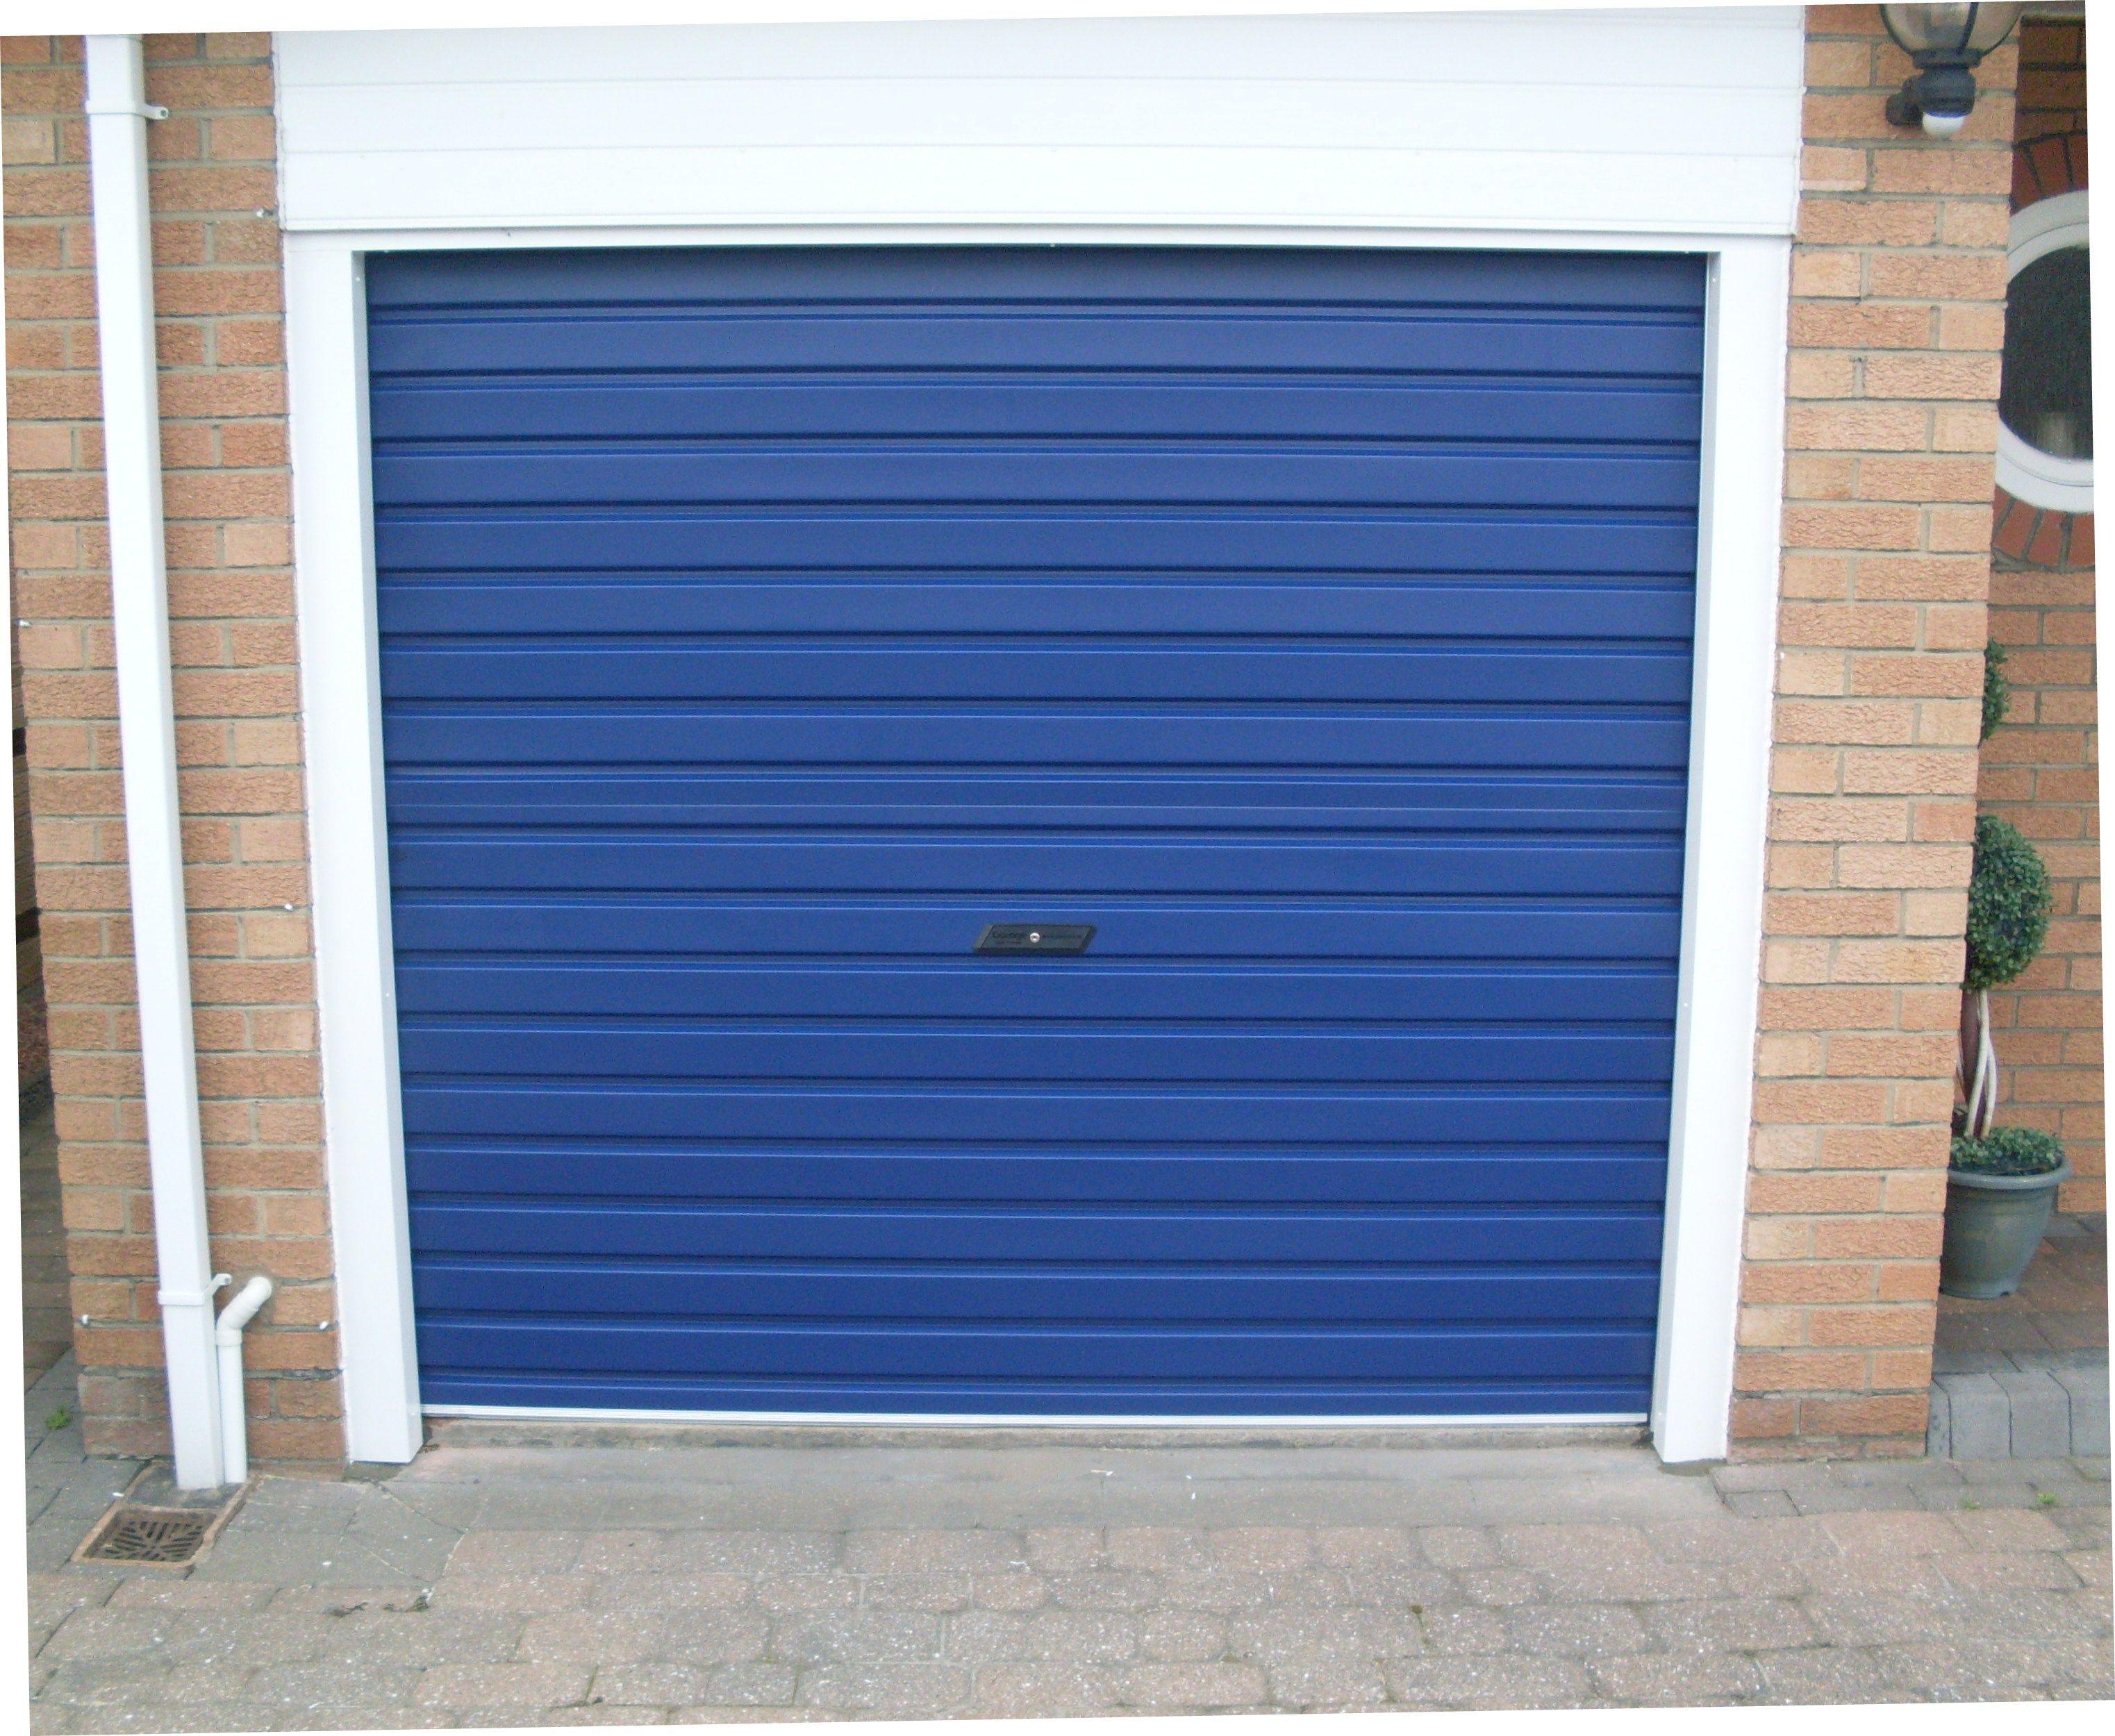 Pin By Addison Hamlin On Home Renovating Inspiring Ideas With Images Garage Door Styles Garage Door Design Garage Door Colors